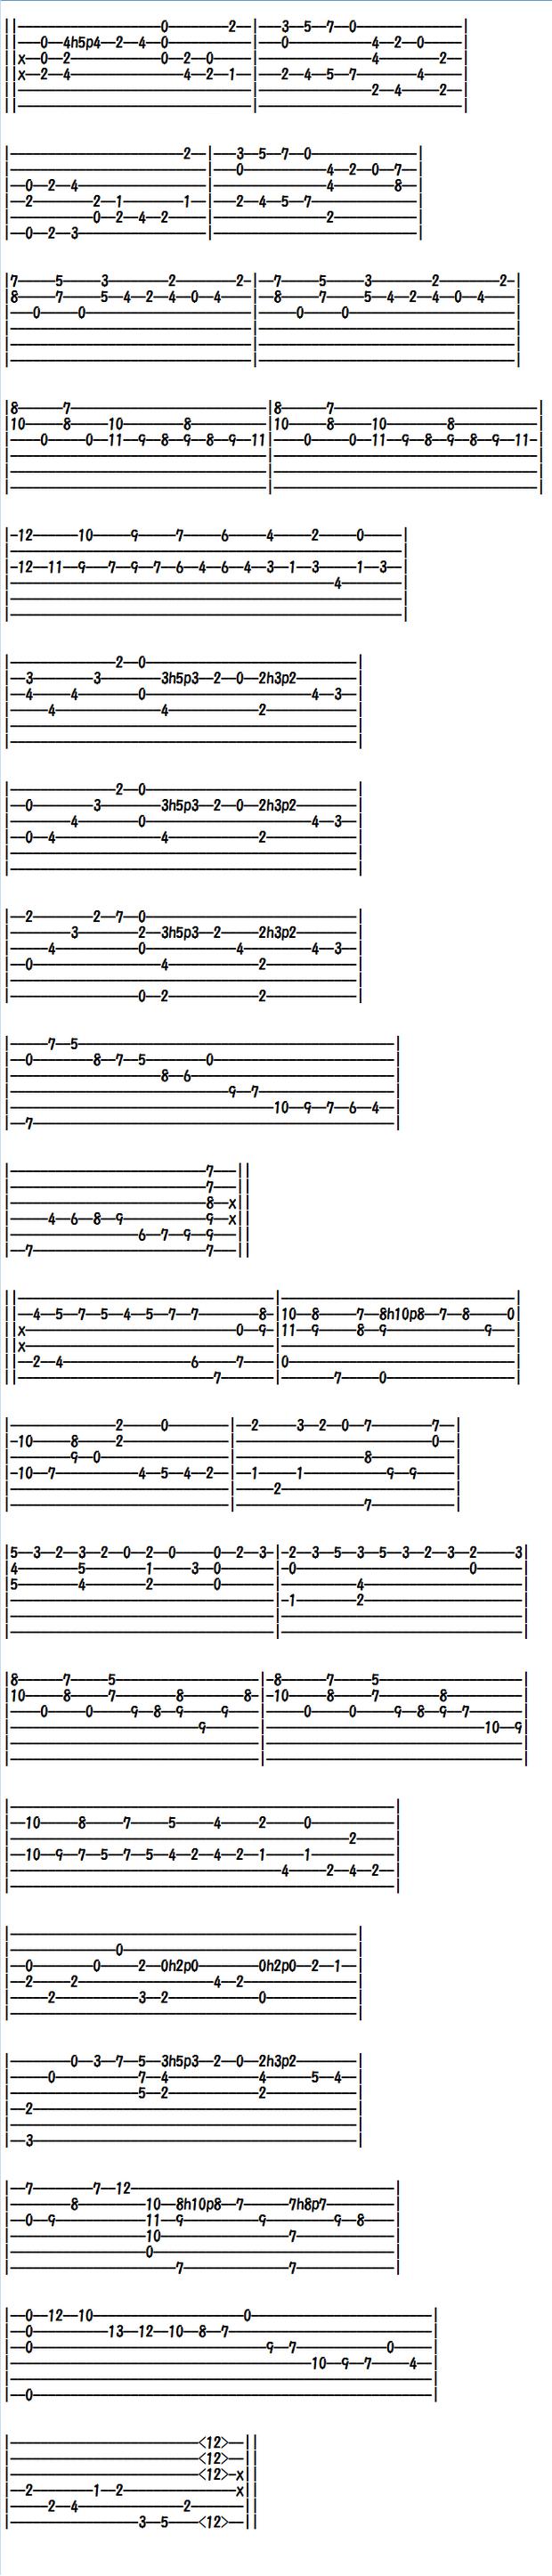 クラシックギター楽譜(タブ譜)スカルラッティのソナタ